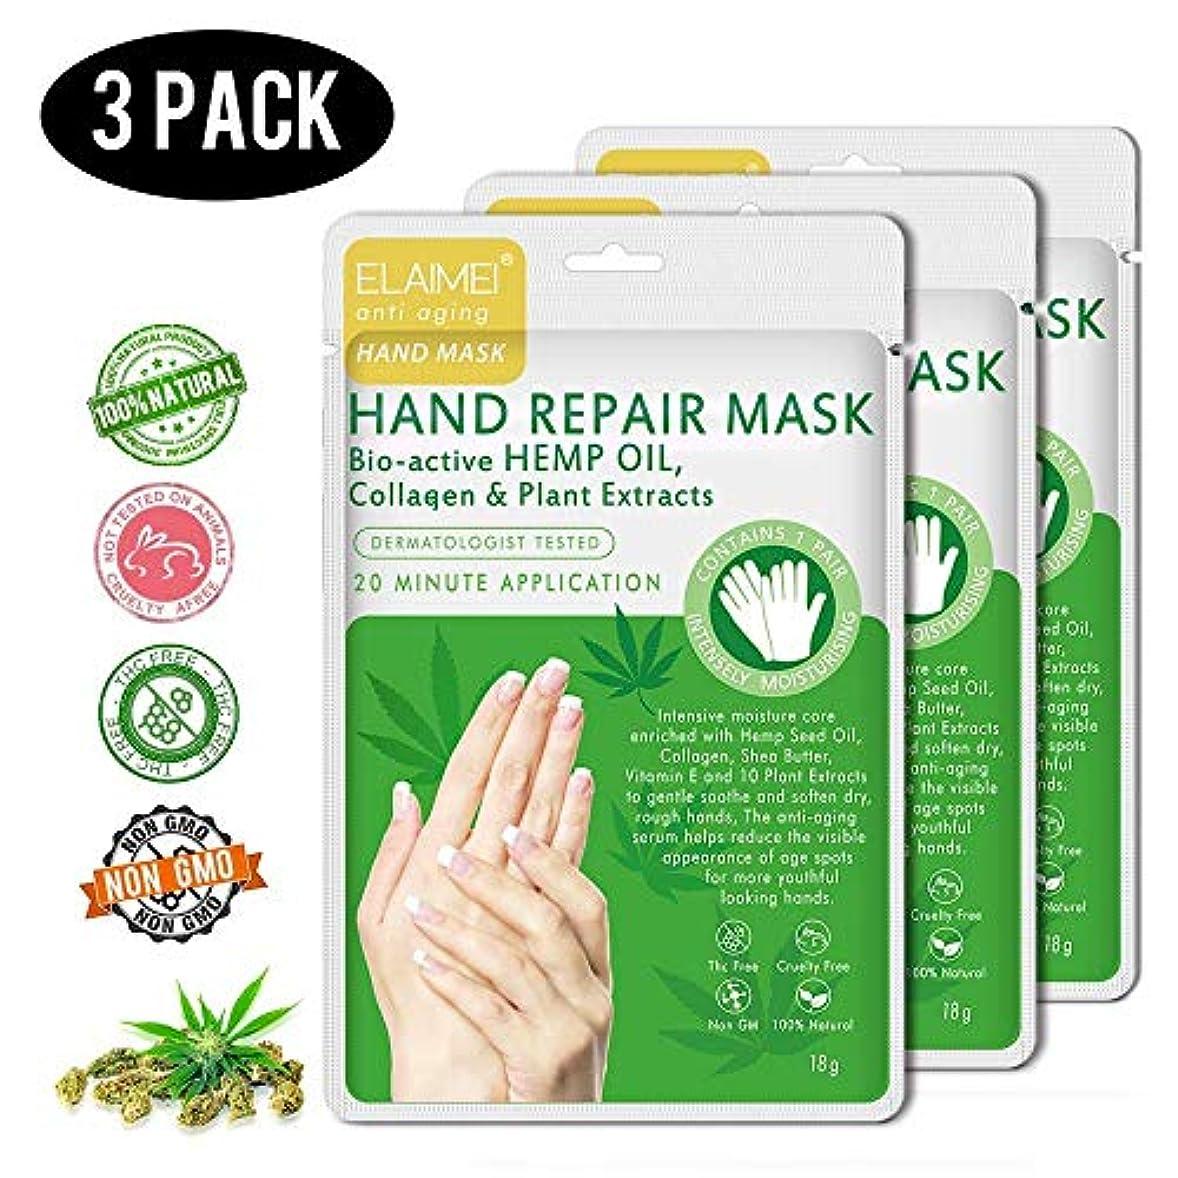 郵便屋さん保護知覚的ハンド皮マスク3パック、ハンドマスクスパ手袋は、ラフスキンの手を乾燥させ、女性の男性のための乾いた鈍い肌を補充するために潤いを与える手手袋